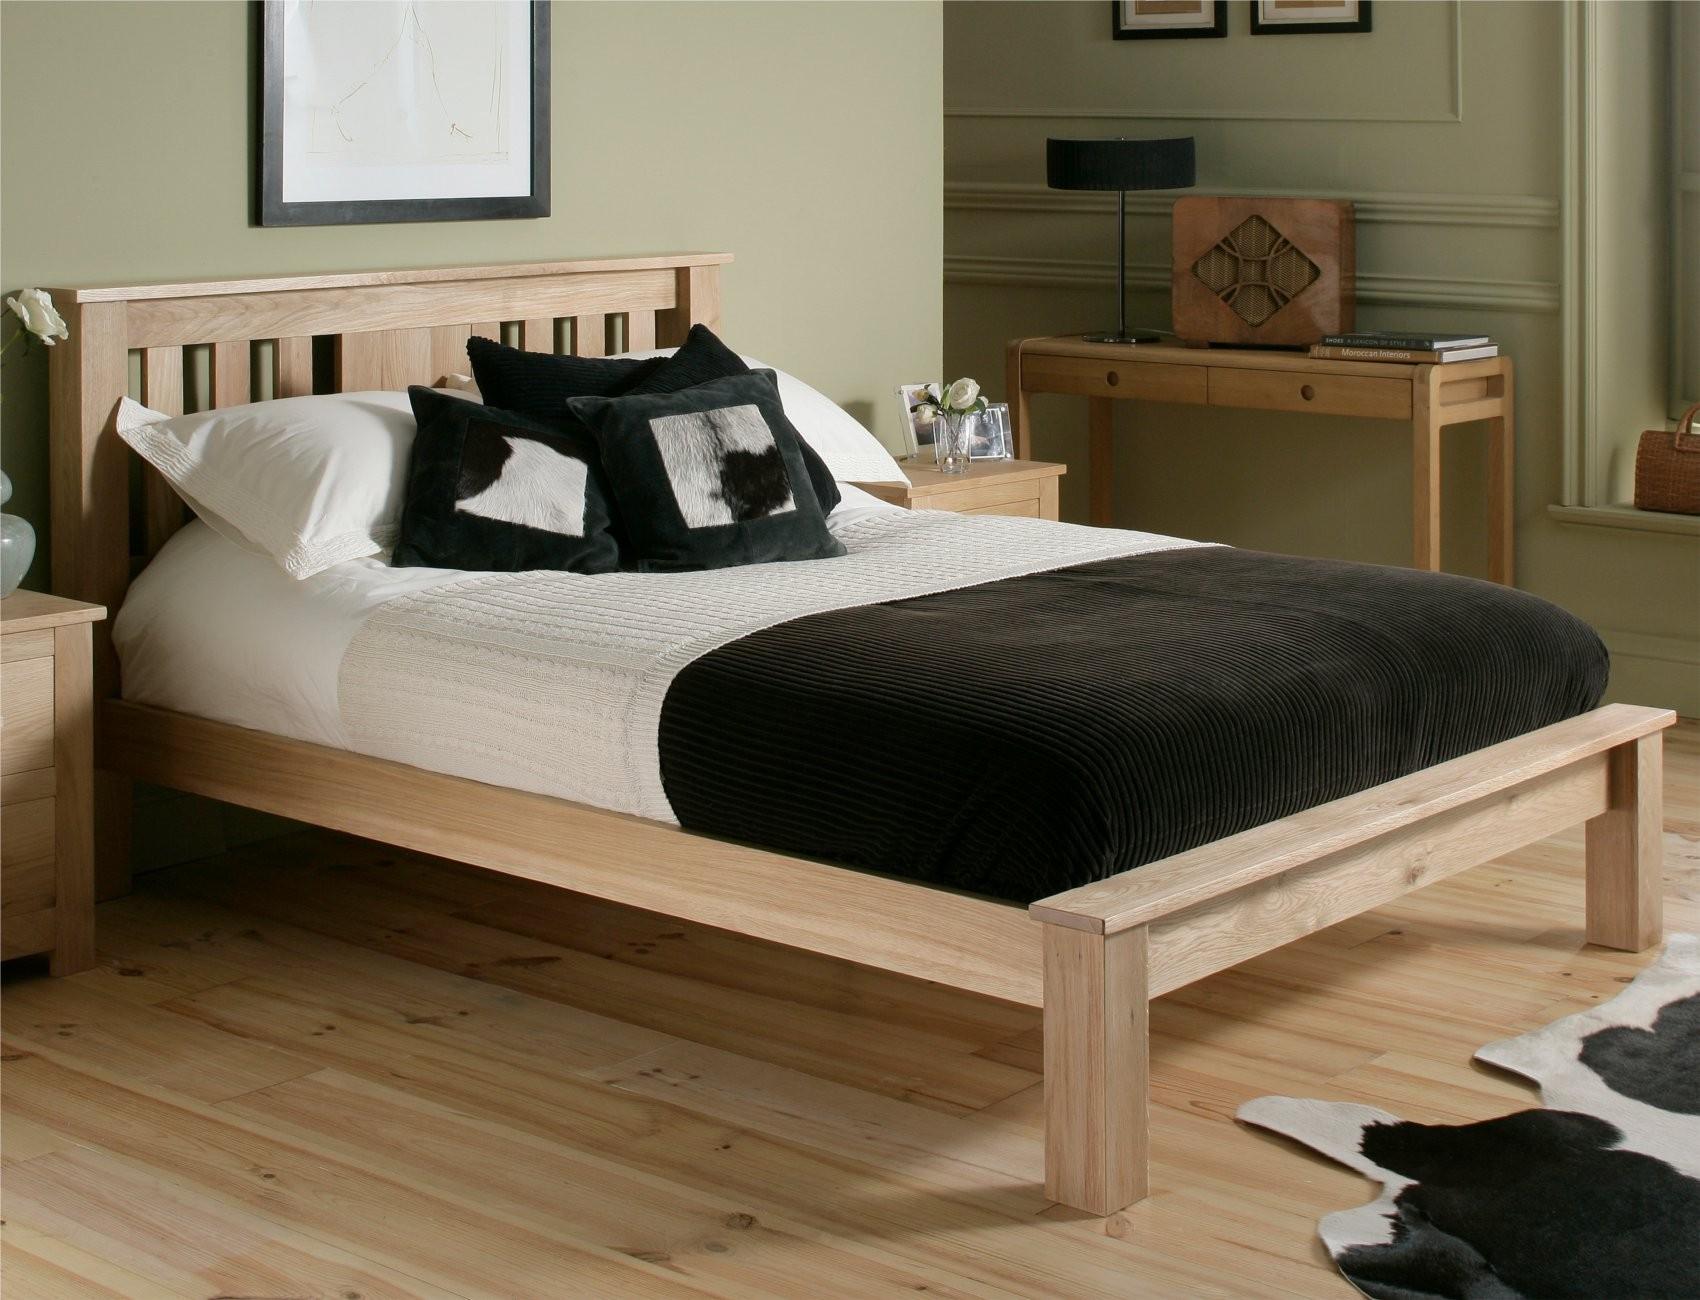 Giường đôi gỗ sồi Platform King Size 1.8 x 2m, xuất khẩu Anh